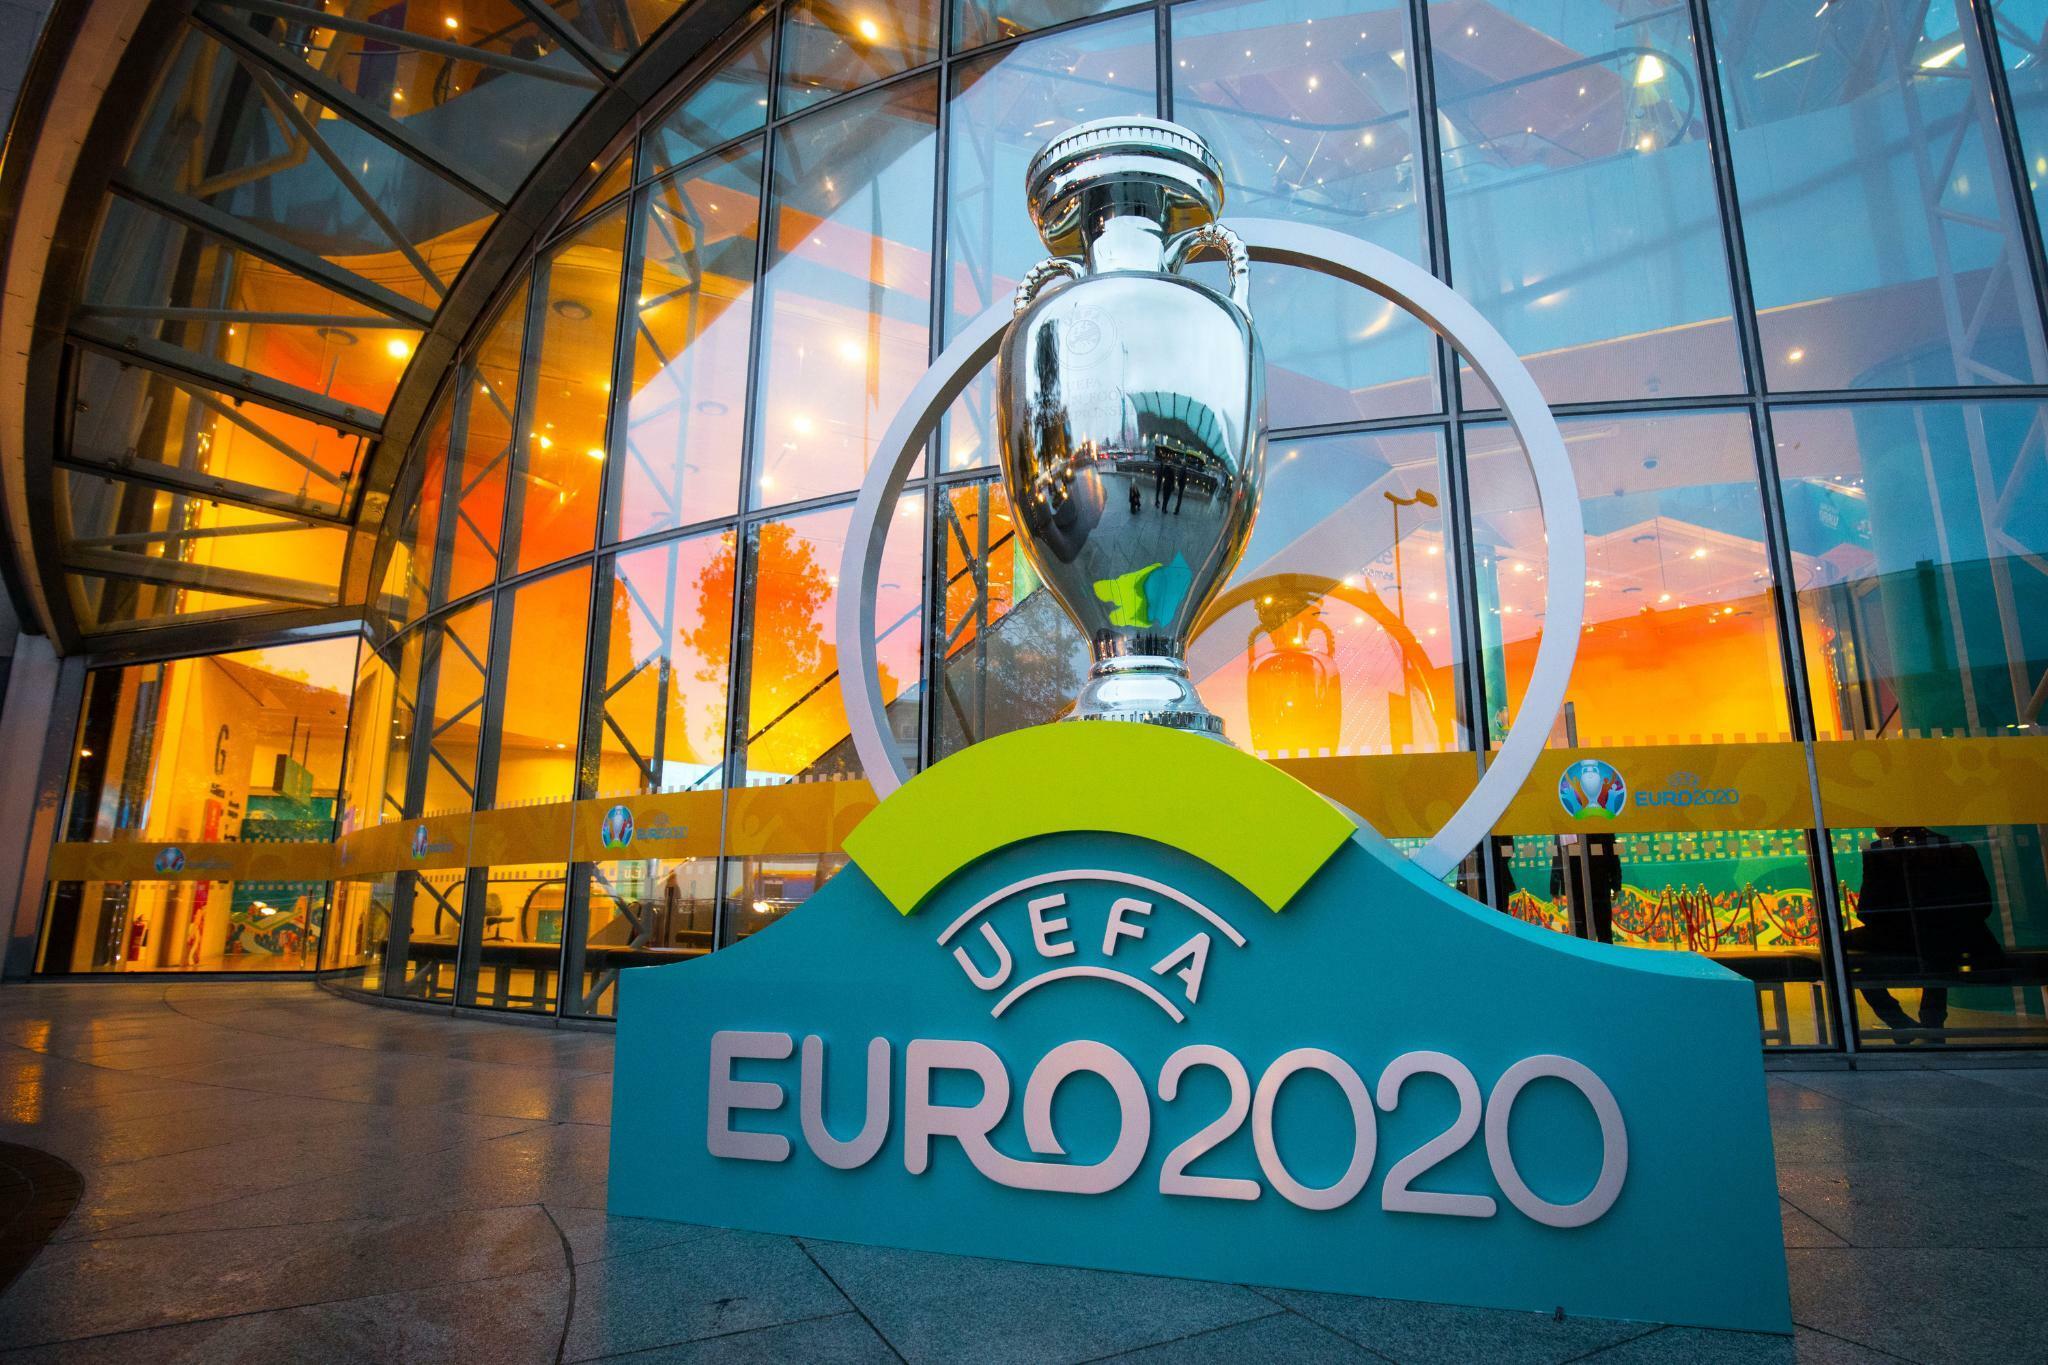 EURO 2020 yarı finale yükselen takımlar   EURO 2020 yarı final eşleşmeleri   Yarı final maçları ne zaman?